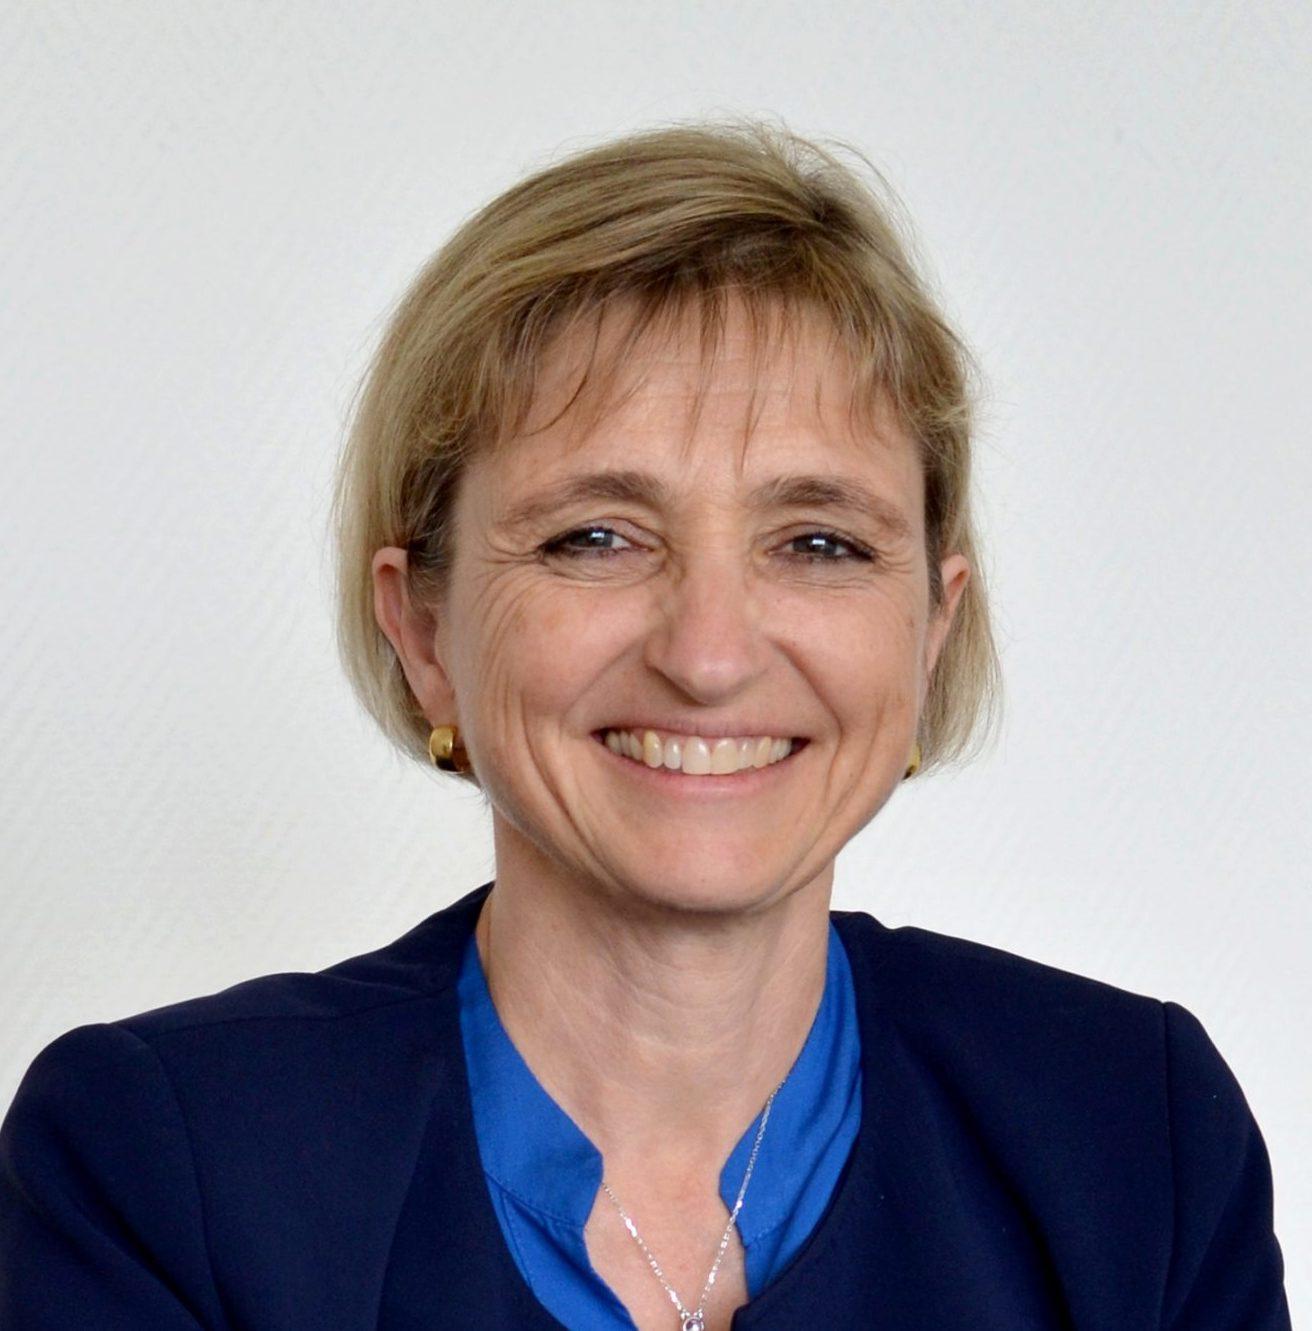 Fabienne-Fischer